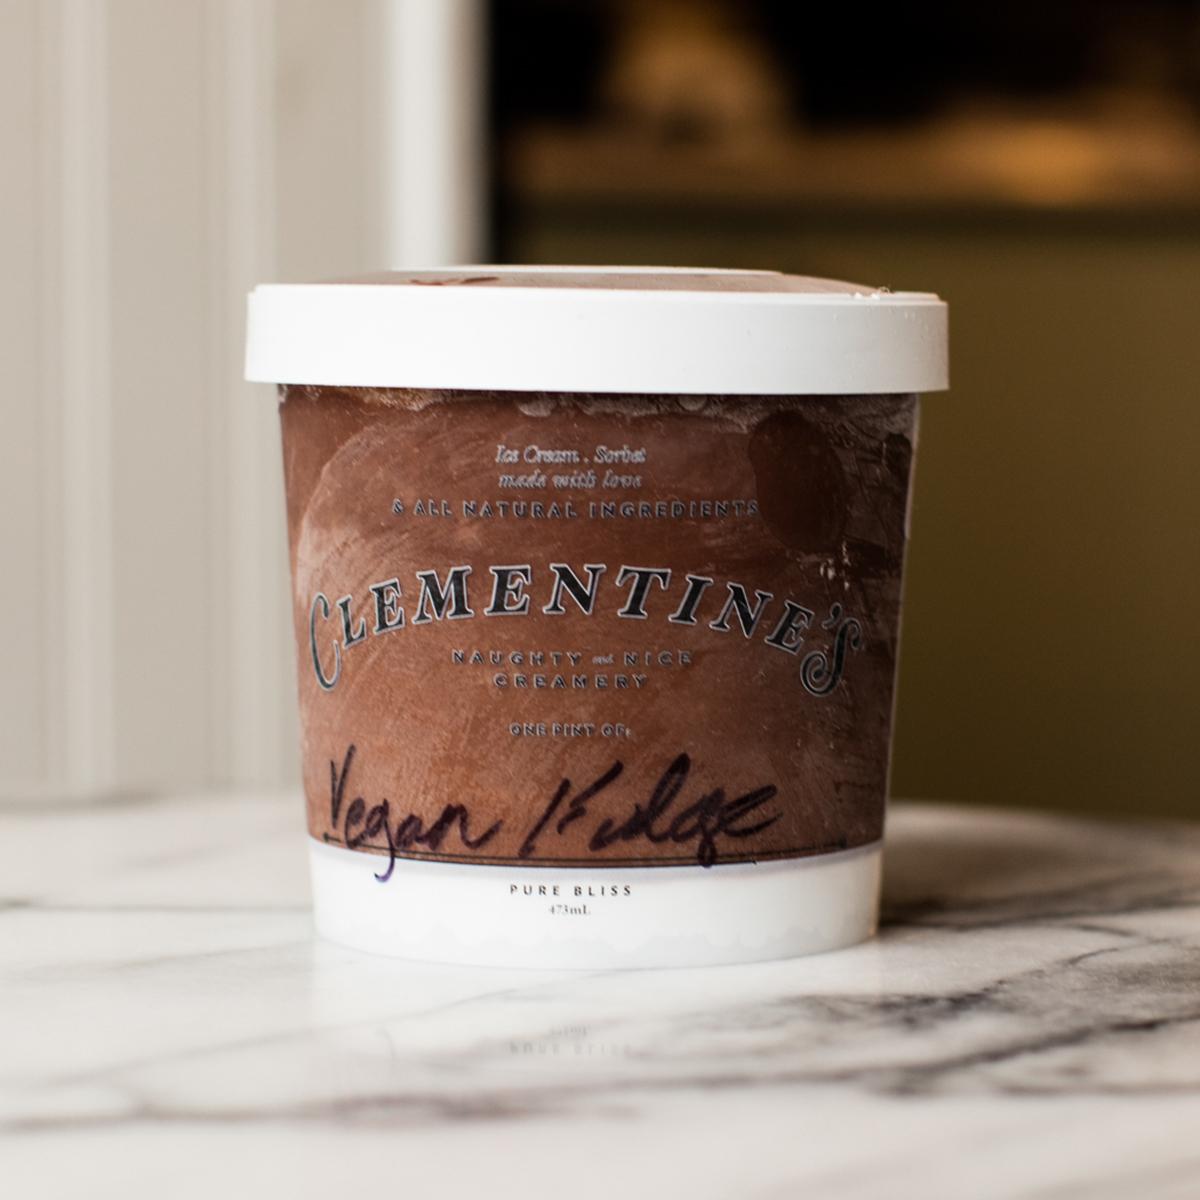 clementines vegan ice cream chocolate coconut fudge